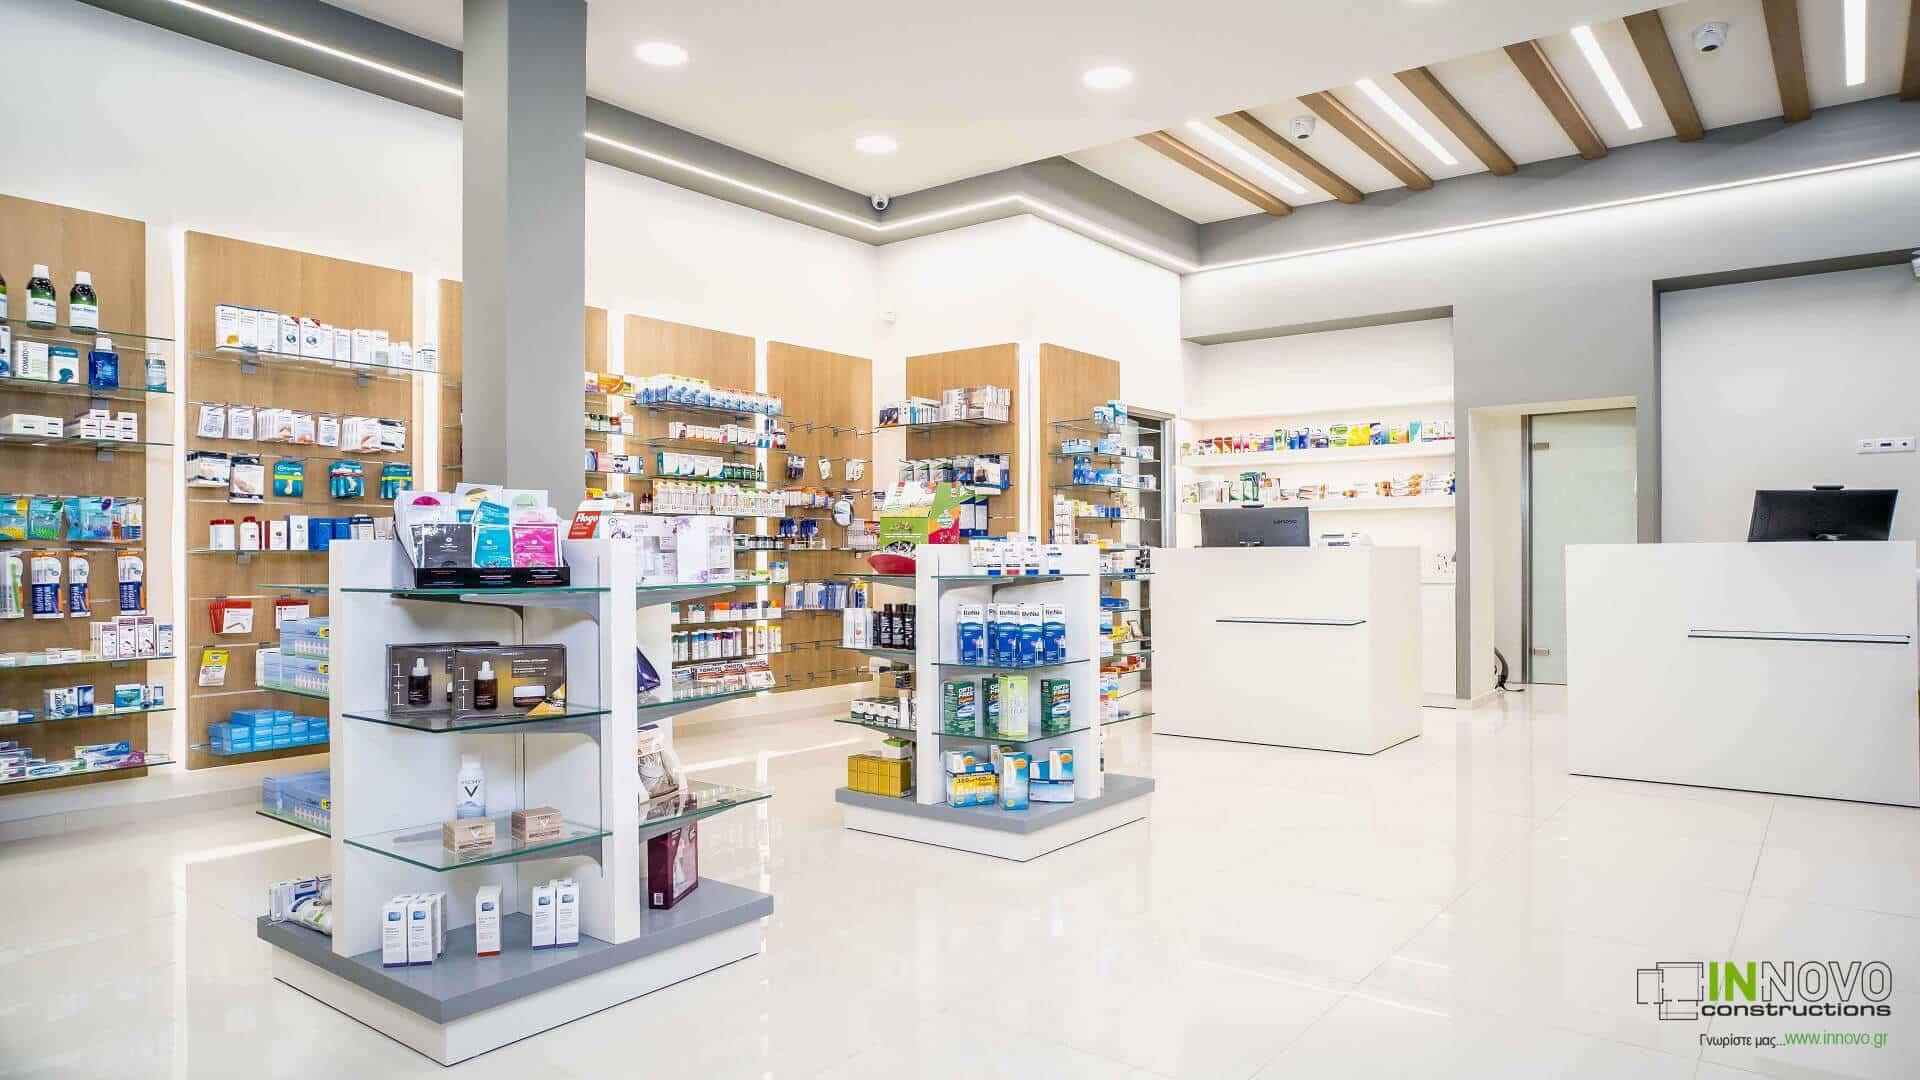 Σχεδιασμός επίπλωσης Φαρμακείου στην Ηλιούπολη